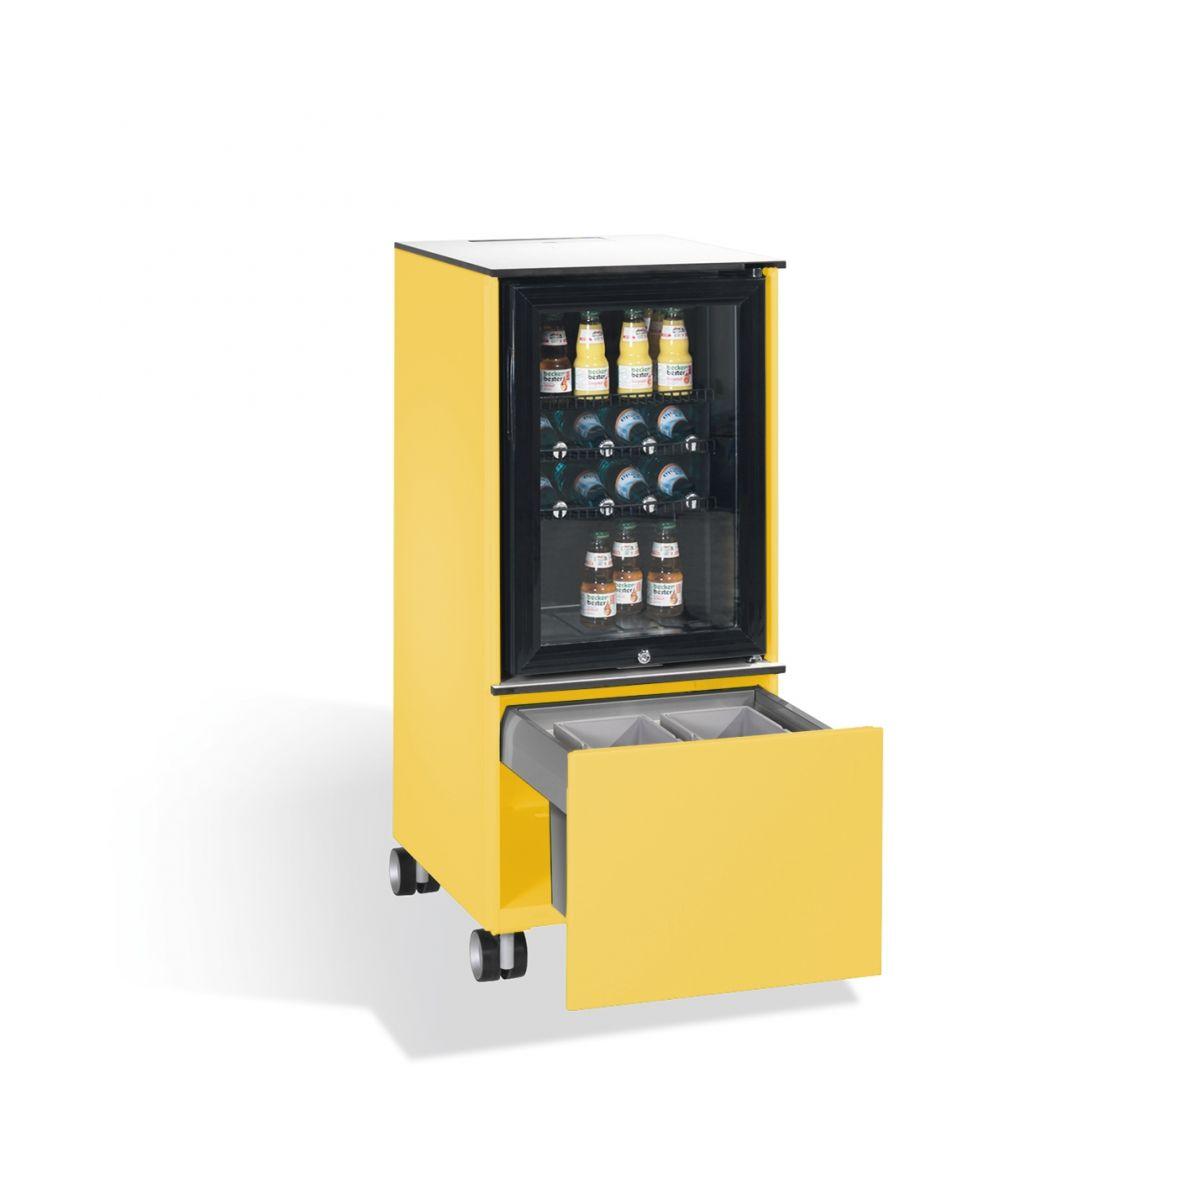 Kühlschrank Caddy mit Abfallsammler schwefelgelb